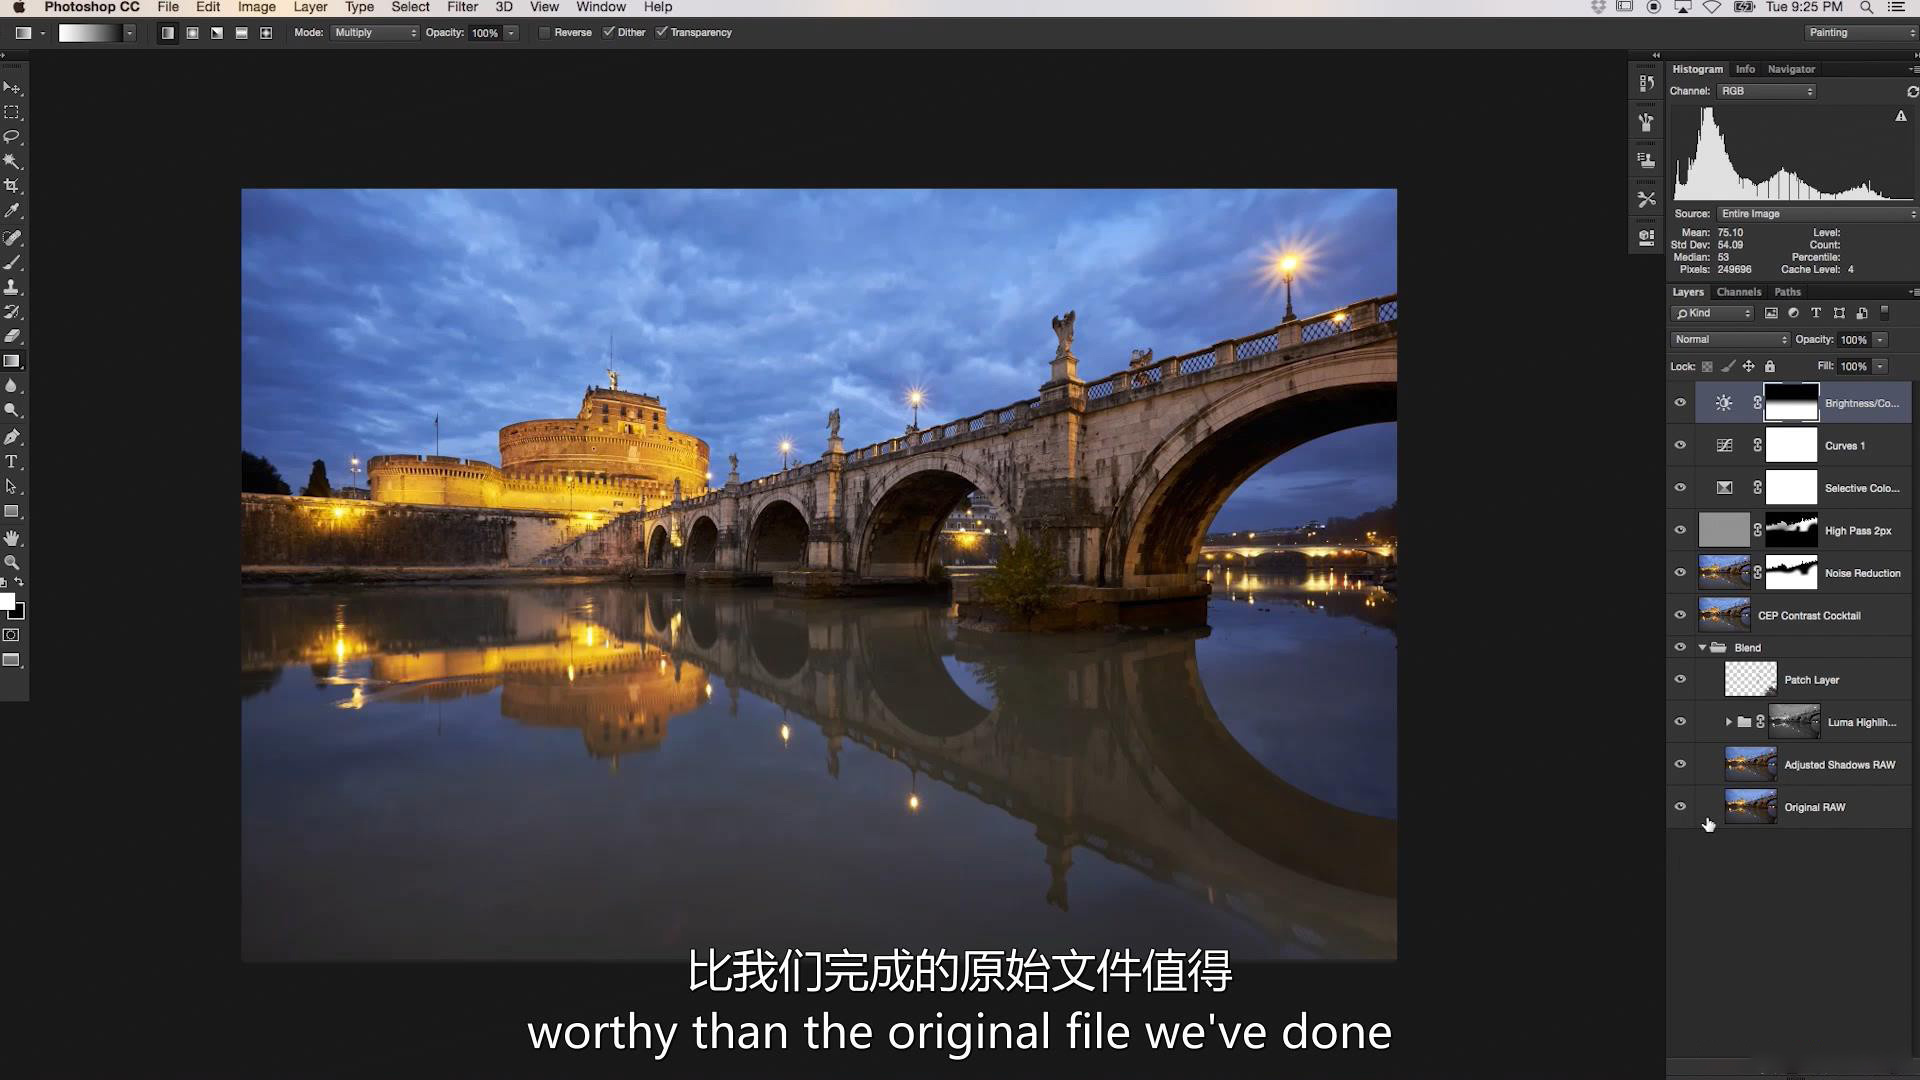 摄影教程_Fstoppers-Elia Locardi世界城市景观星轨风光摄影及后期-中英字幕 摄影教程 _预览图18